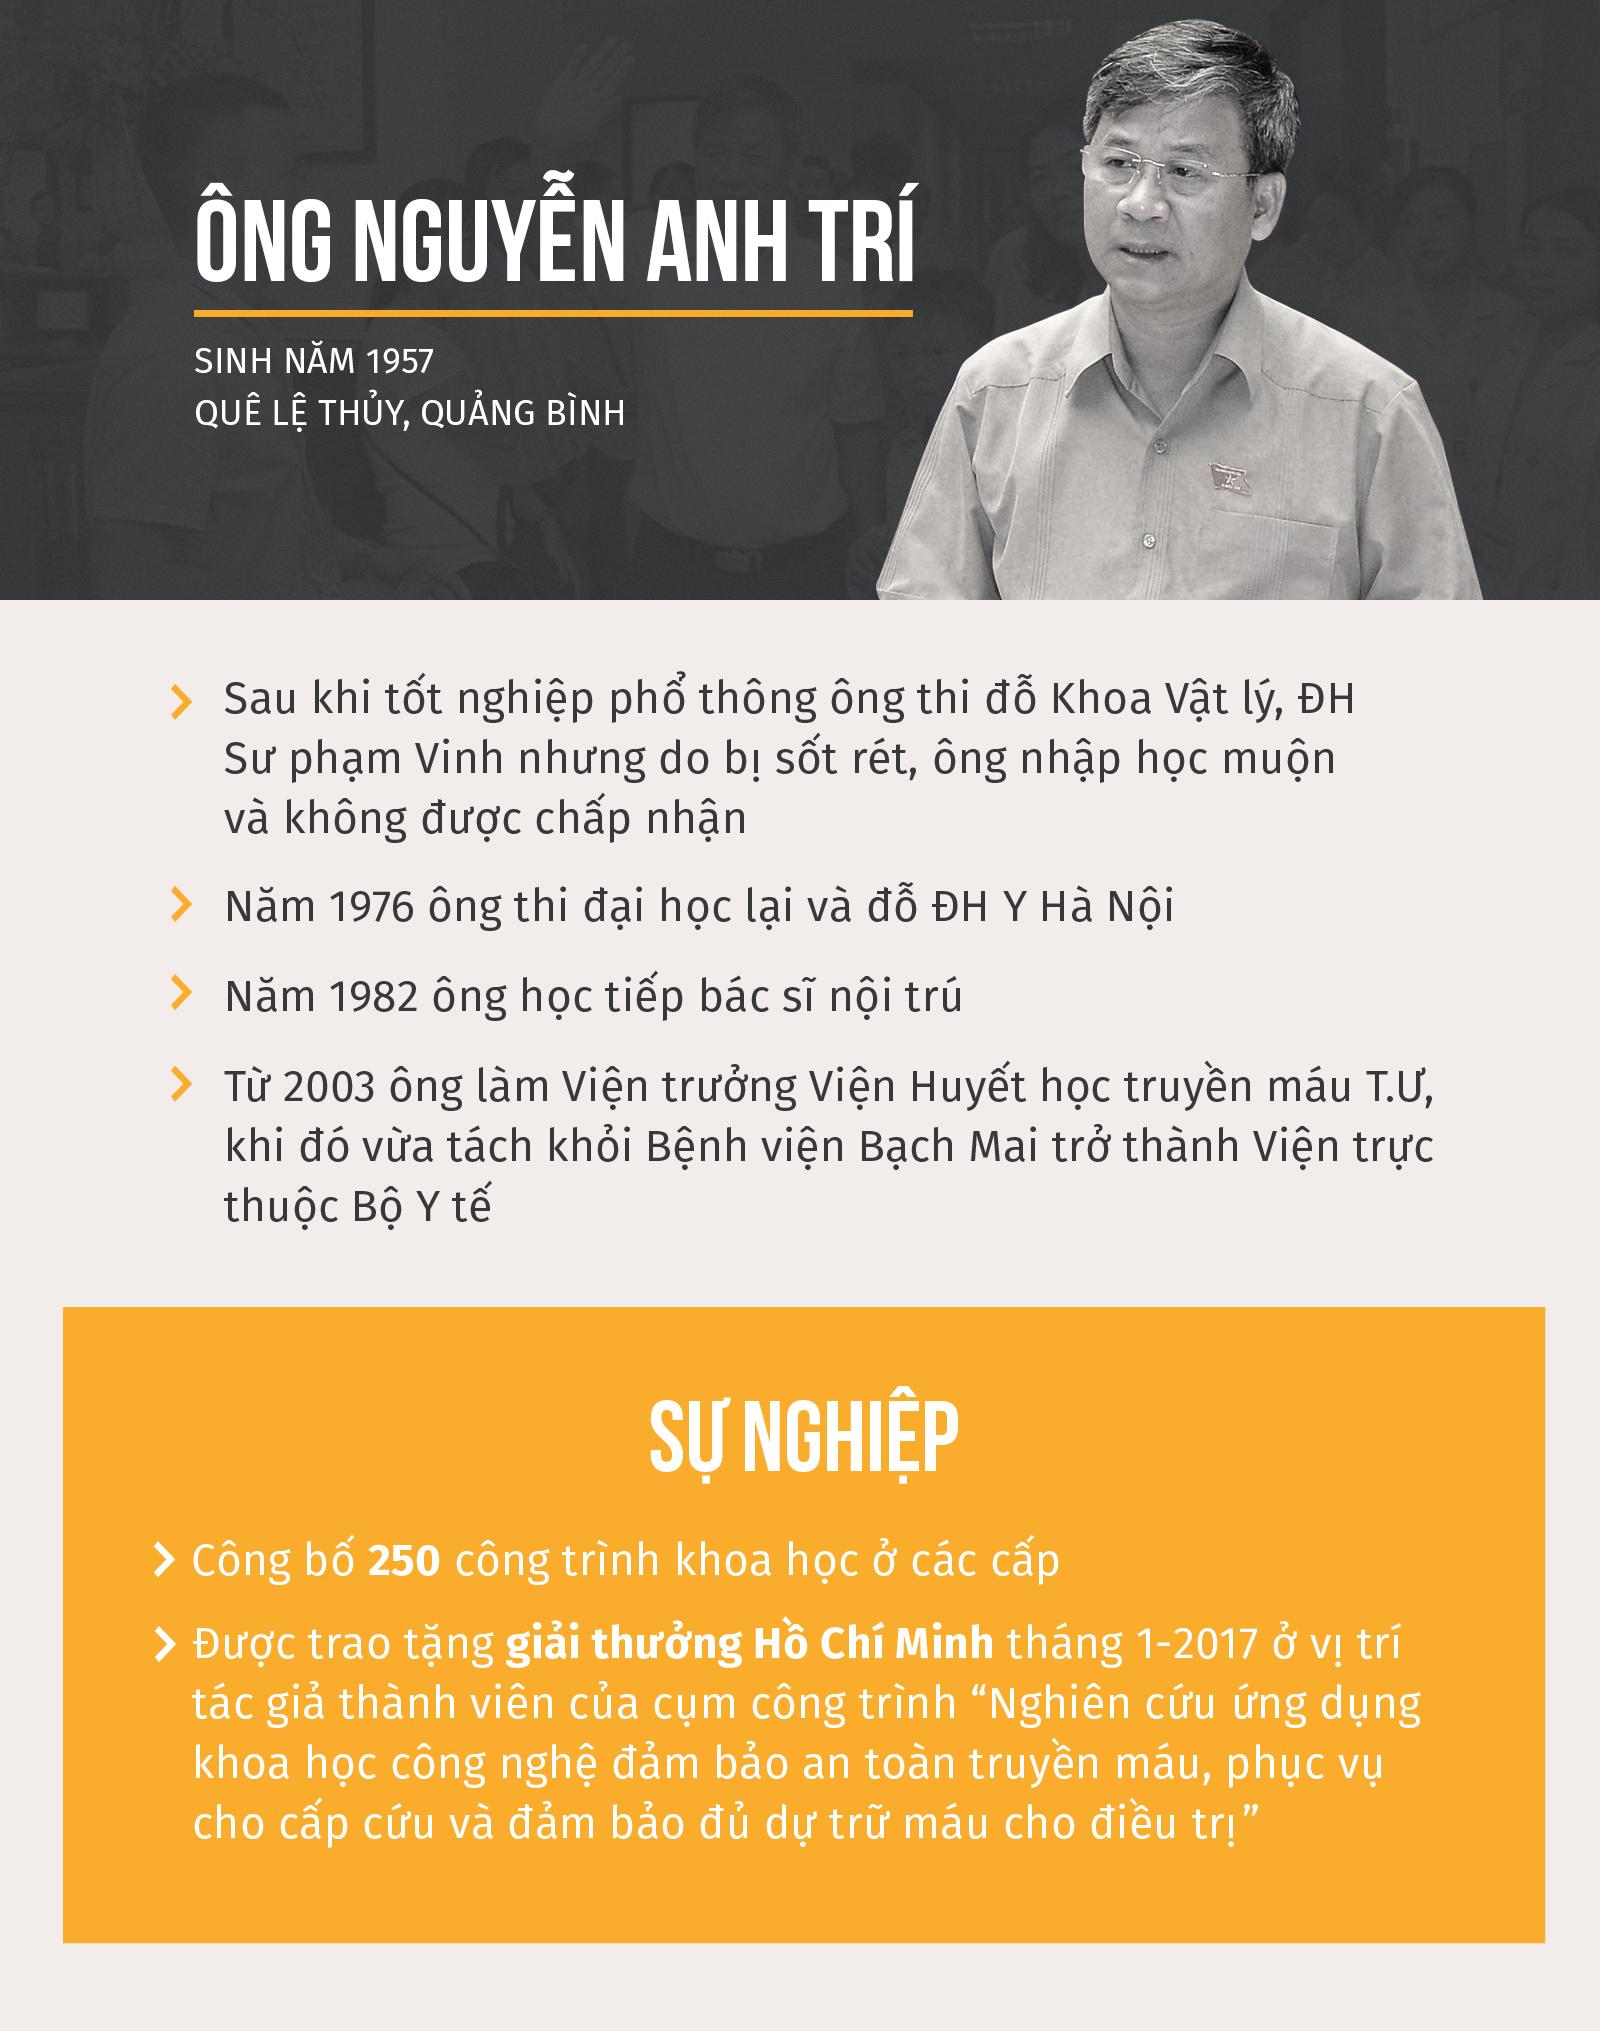 Bác sĩ Nguyễn Anh Trí: một đời y đức không ngơi nghỉ - Ảnh 9.